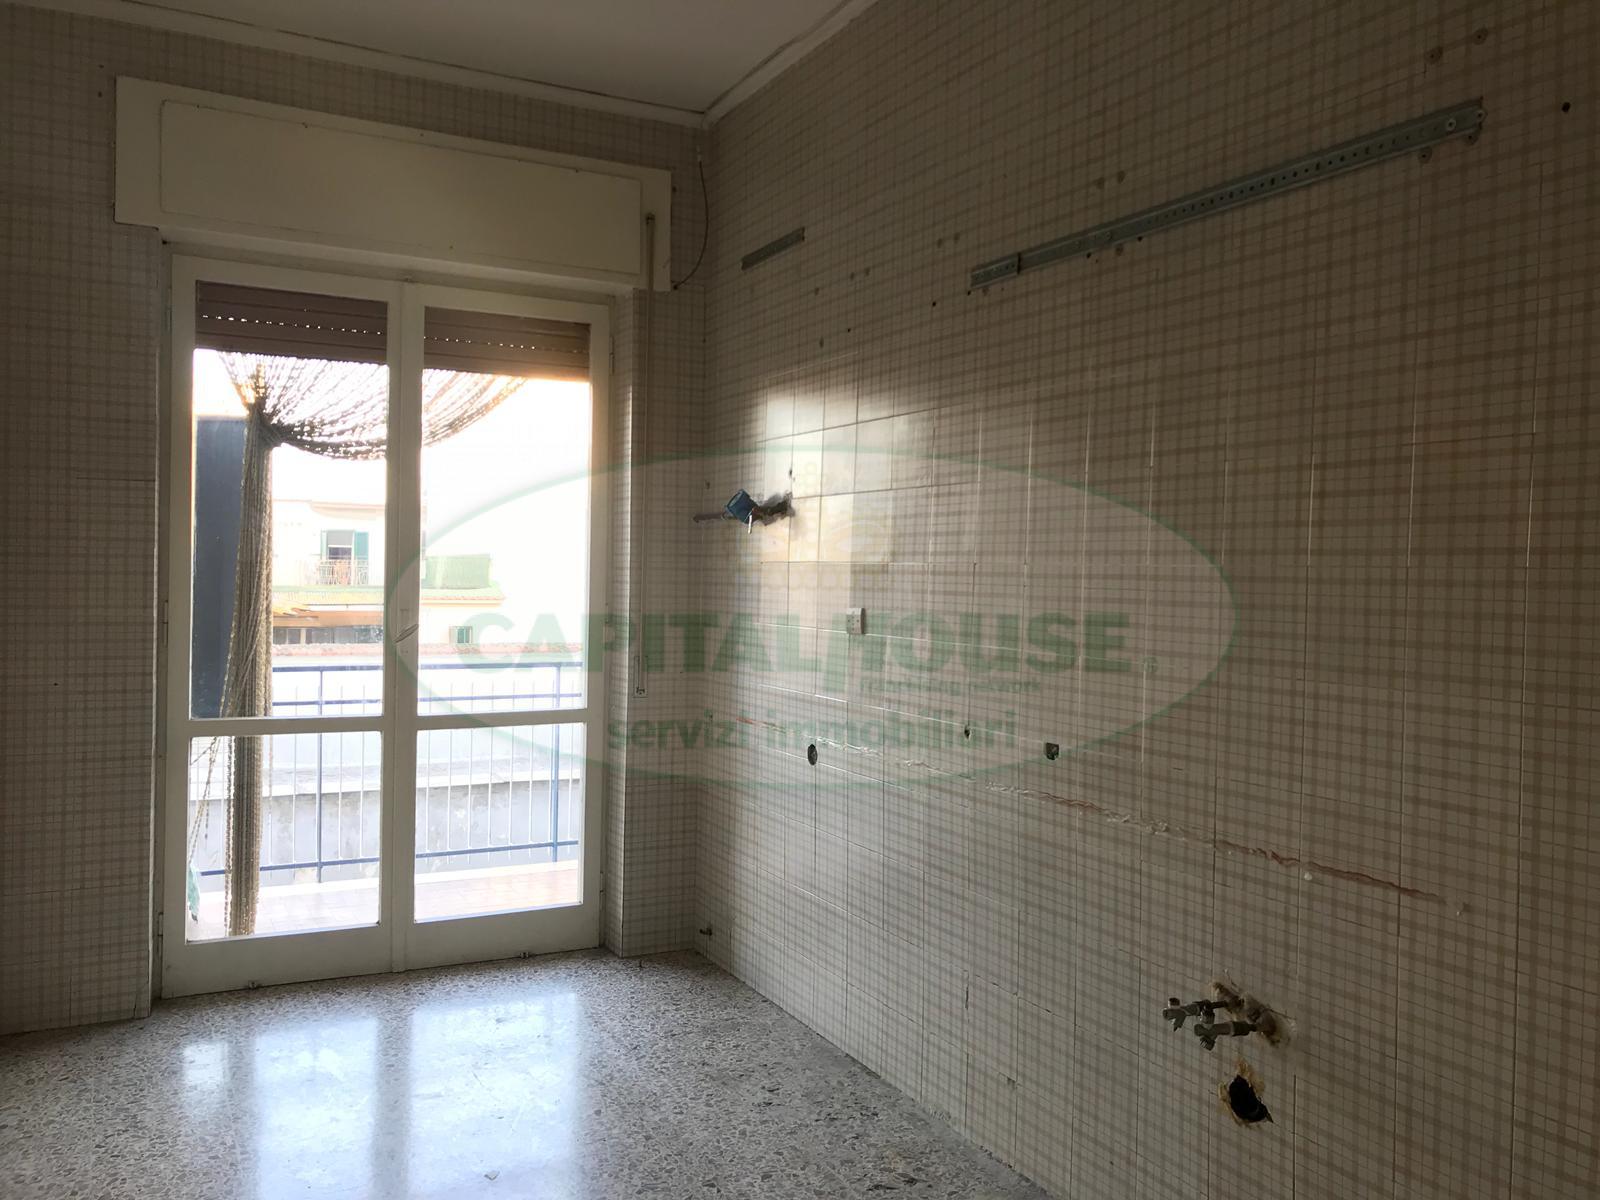 Appartamento in affitto a Afragola, 2 locali, zona Località: CorsoVittorioEmanuele, prezzo € 380 | CambioCasa.it